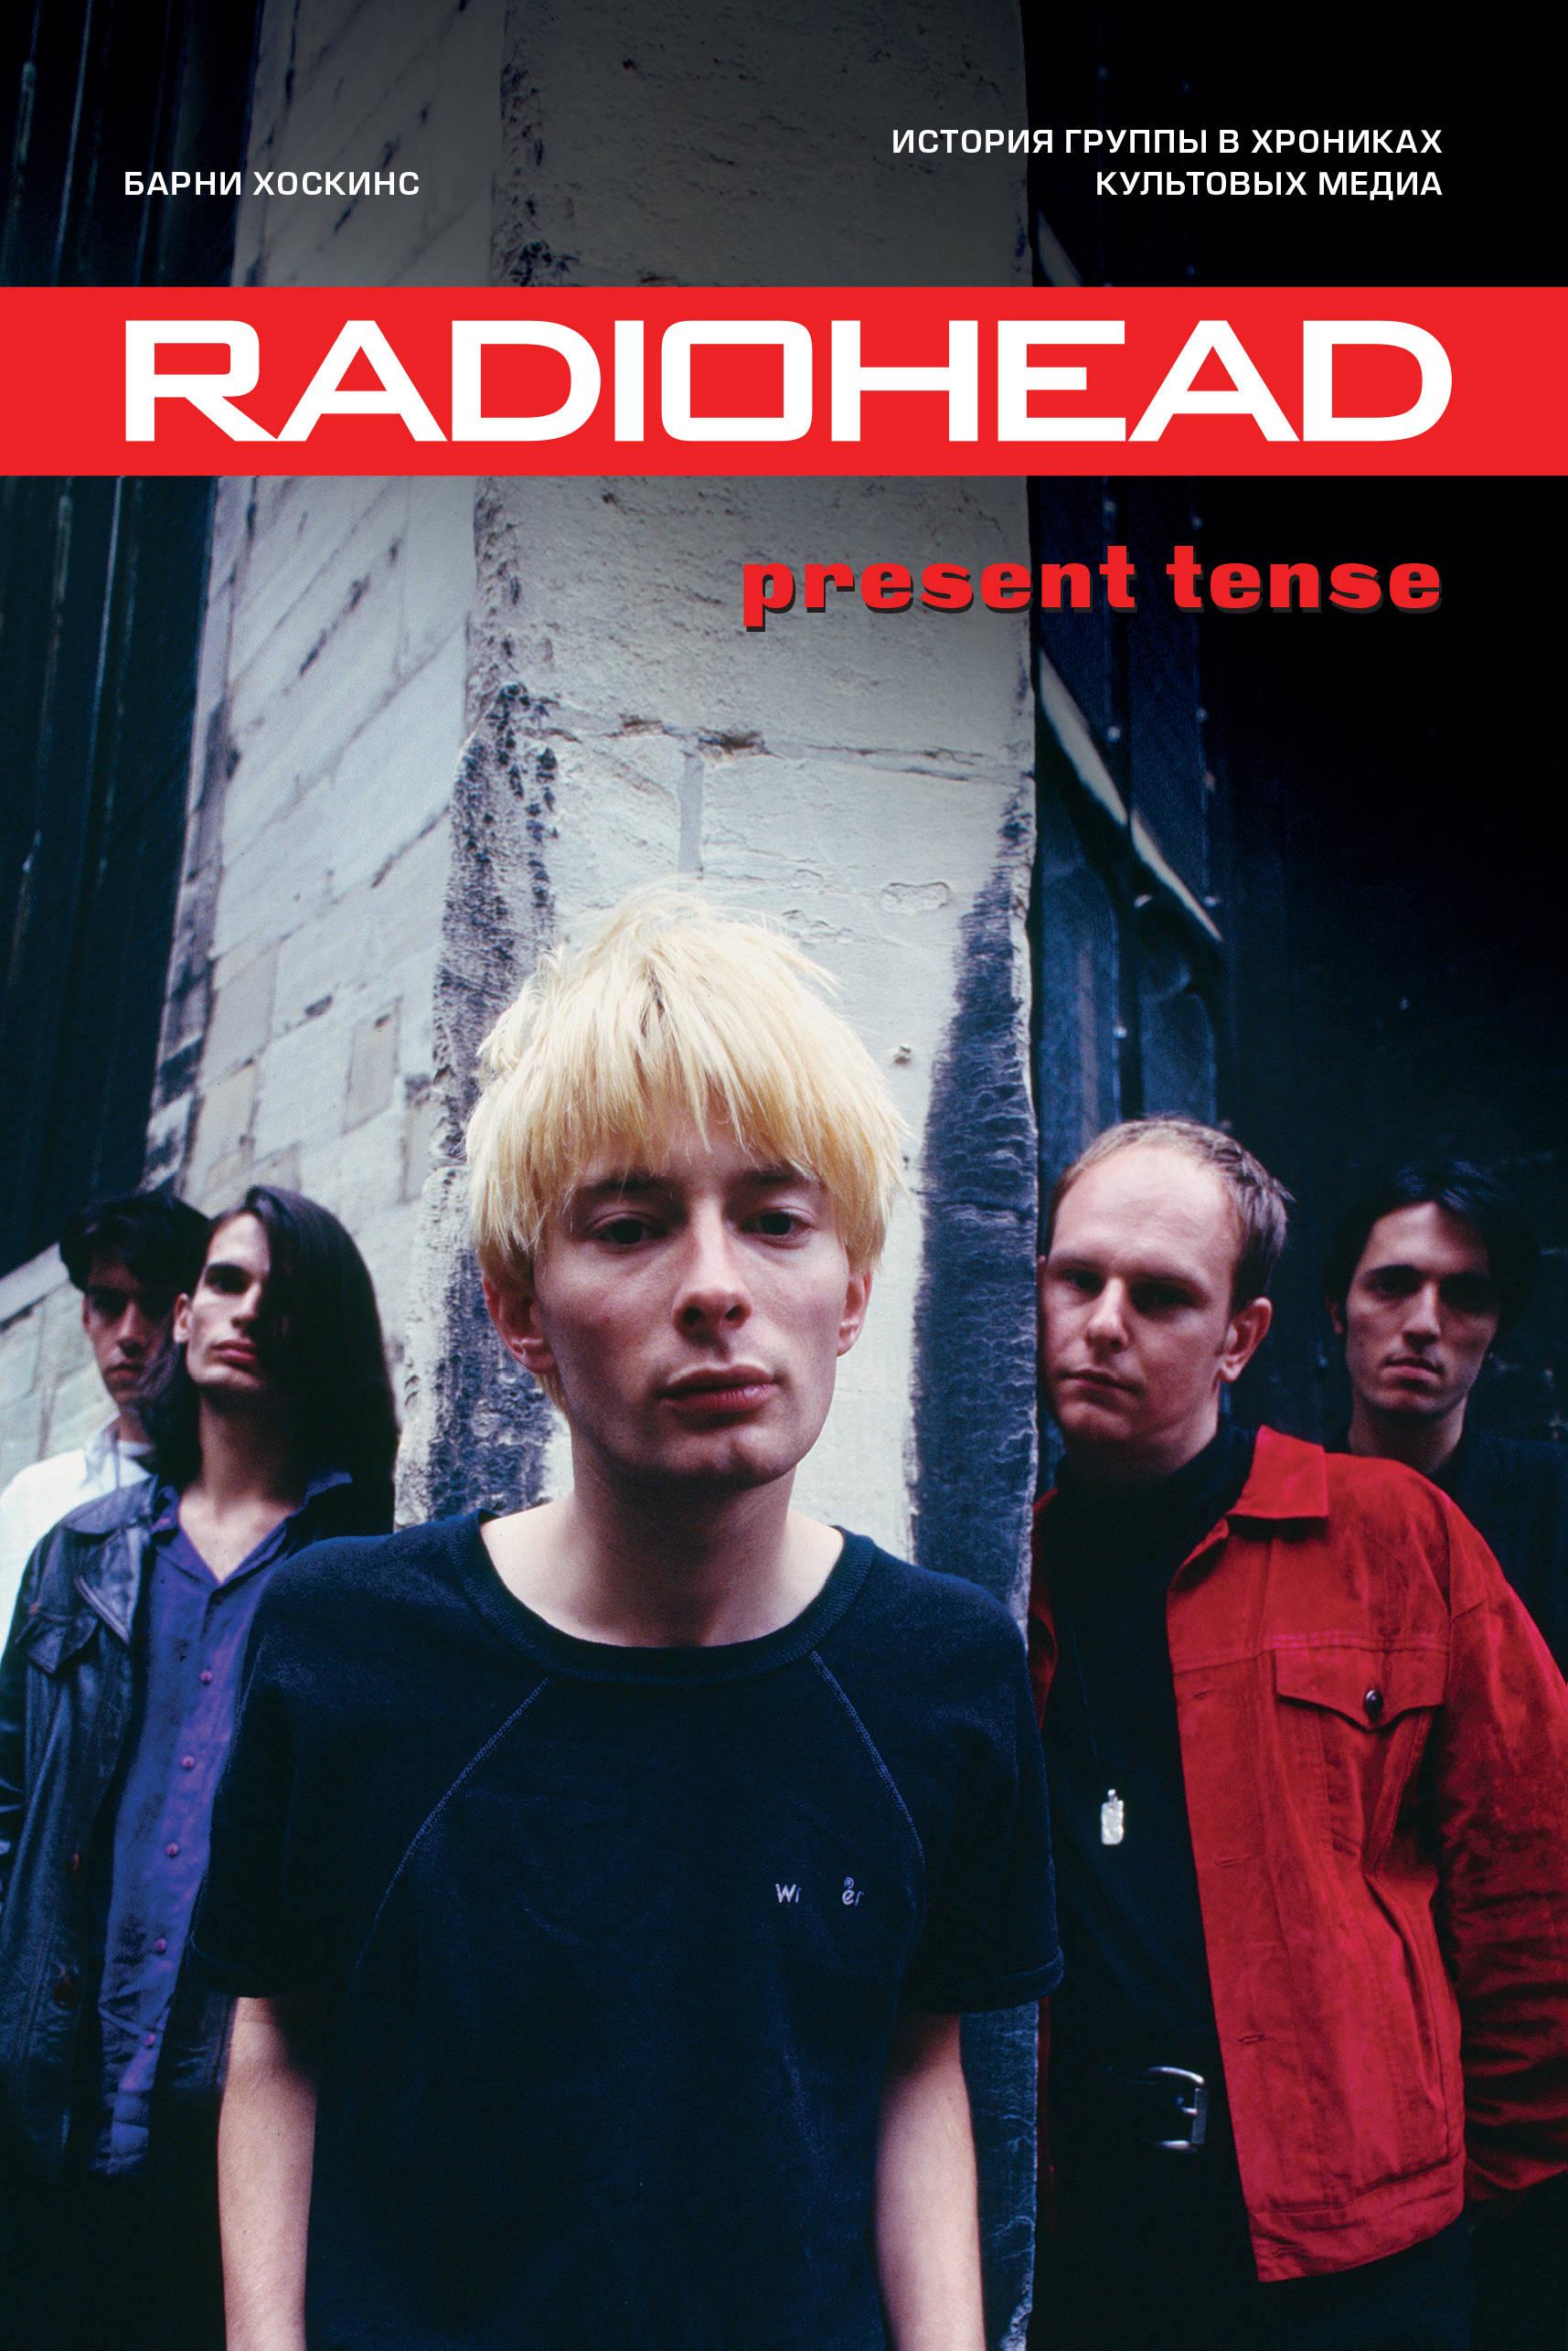 Radiohead. Present Tense. Istorija gruppy v khronikakh kultovykh media